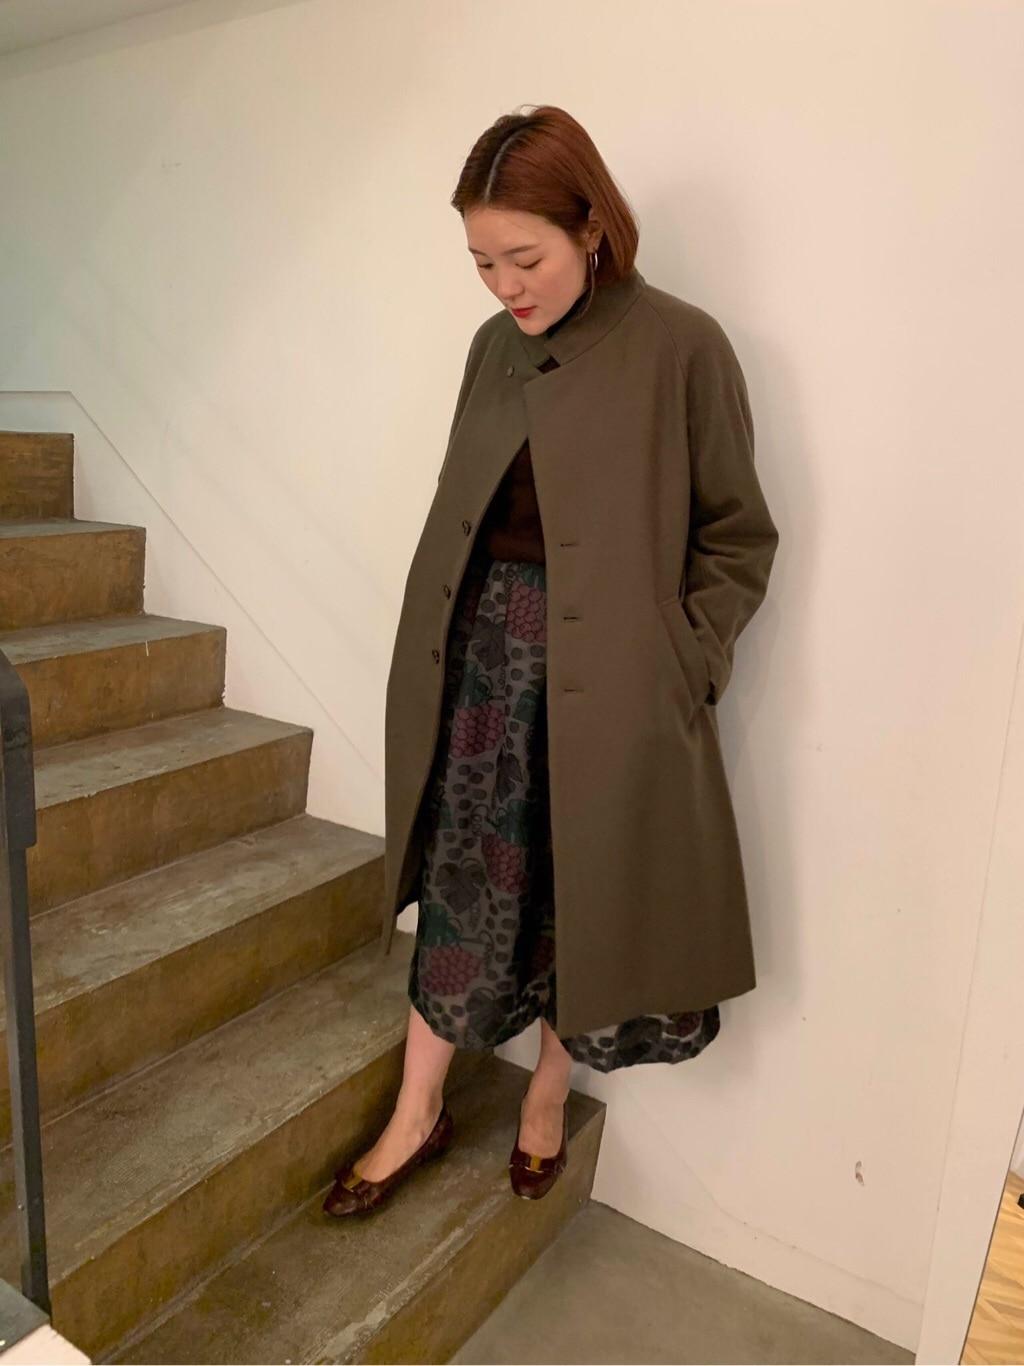 l'atelier du savon 京都路面 身長:166cm 2019.09.27